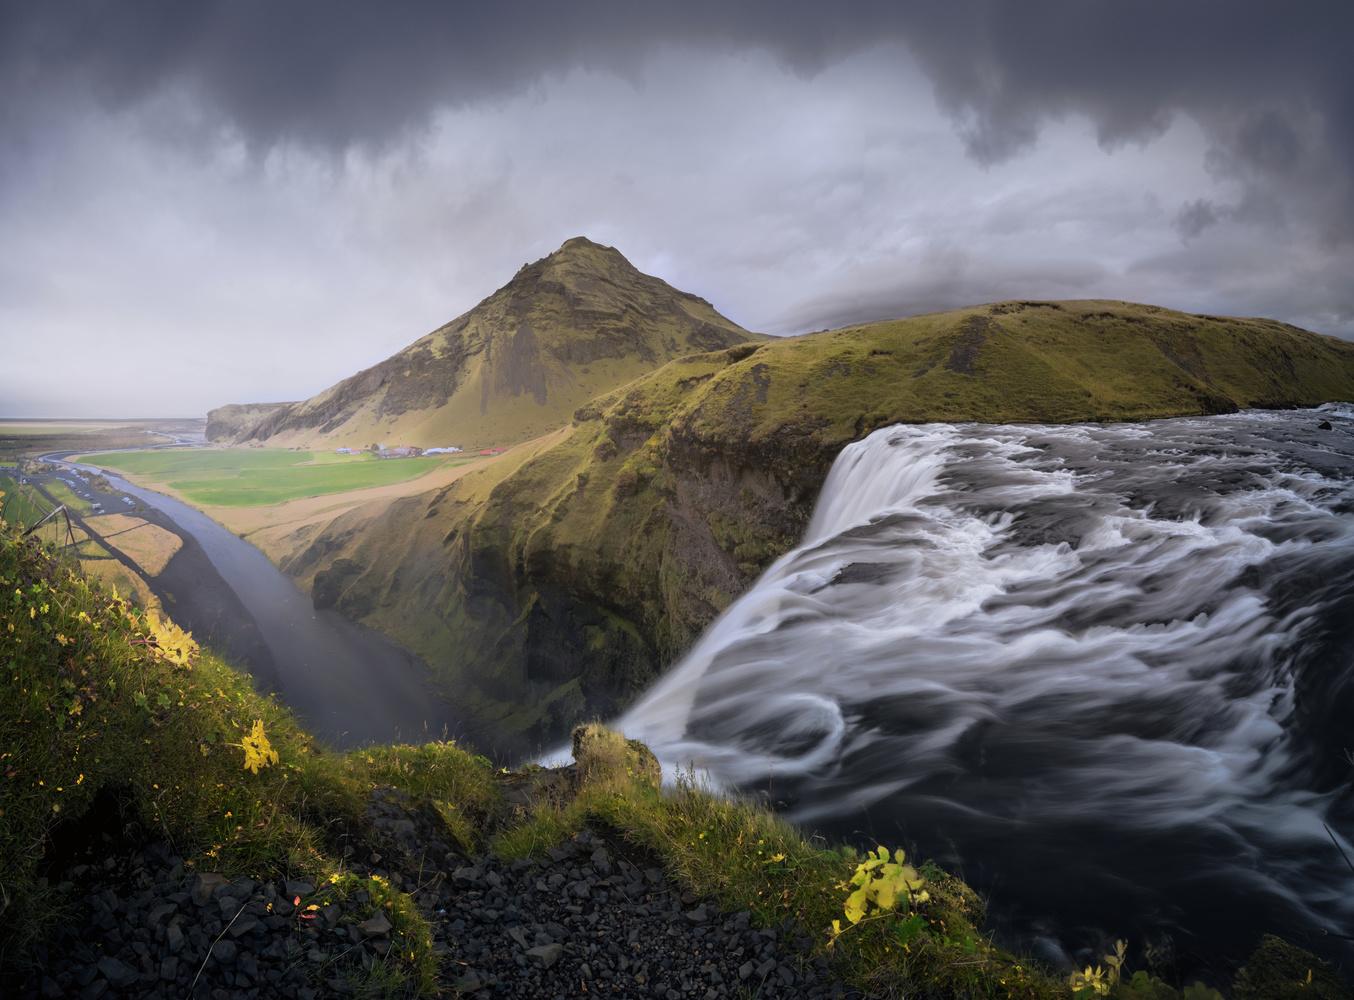 Fallingwater by Eneko Guerra